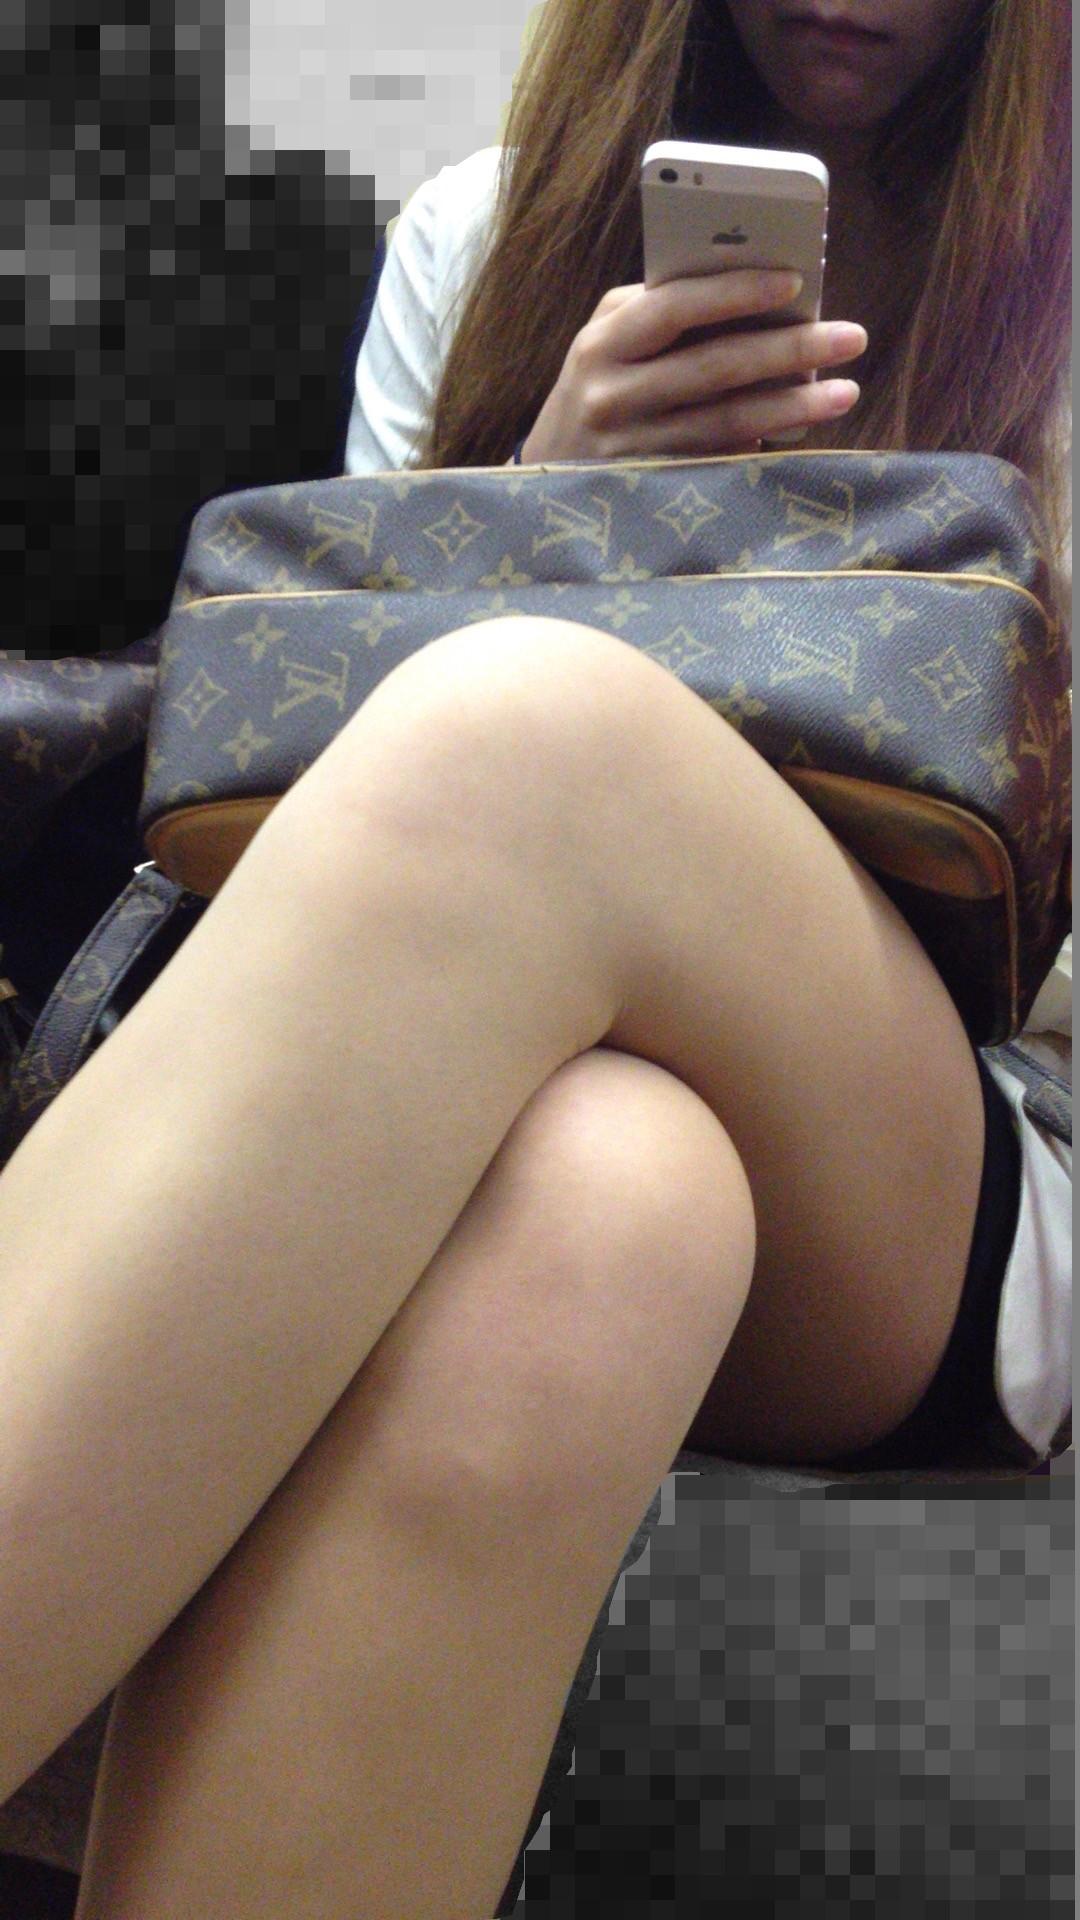 列車内で見るシロウトのぽちゃ足組み写真がえろい